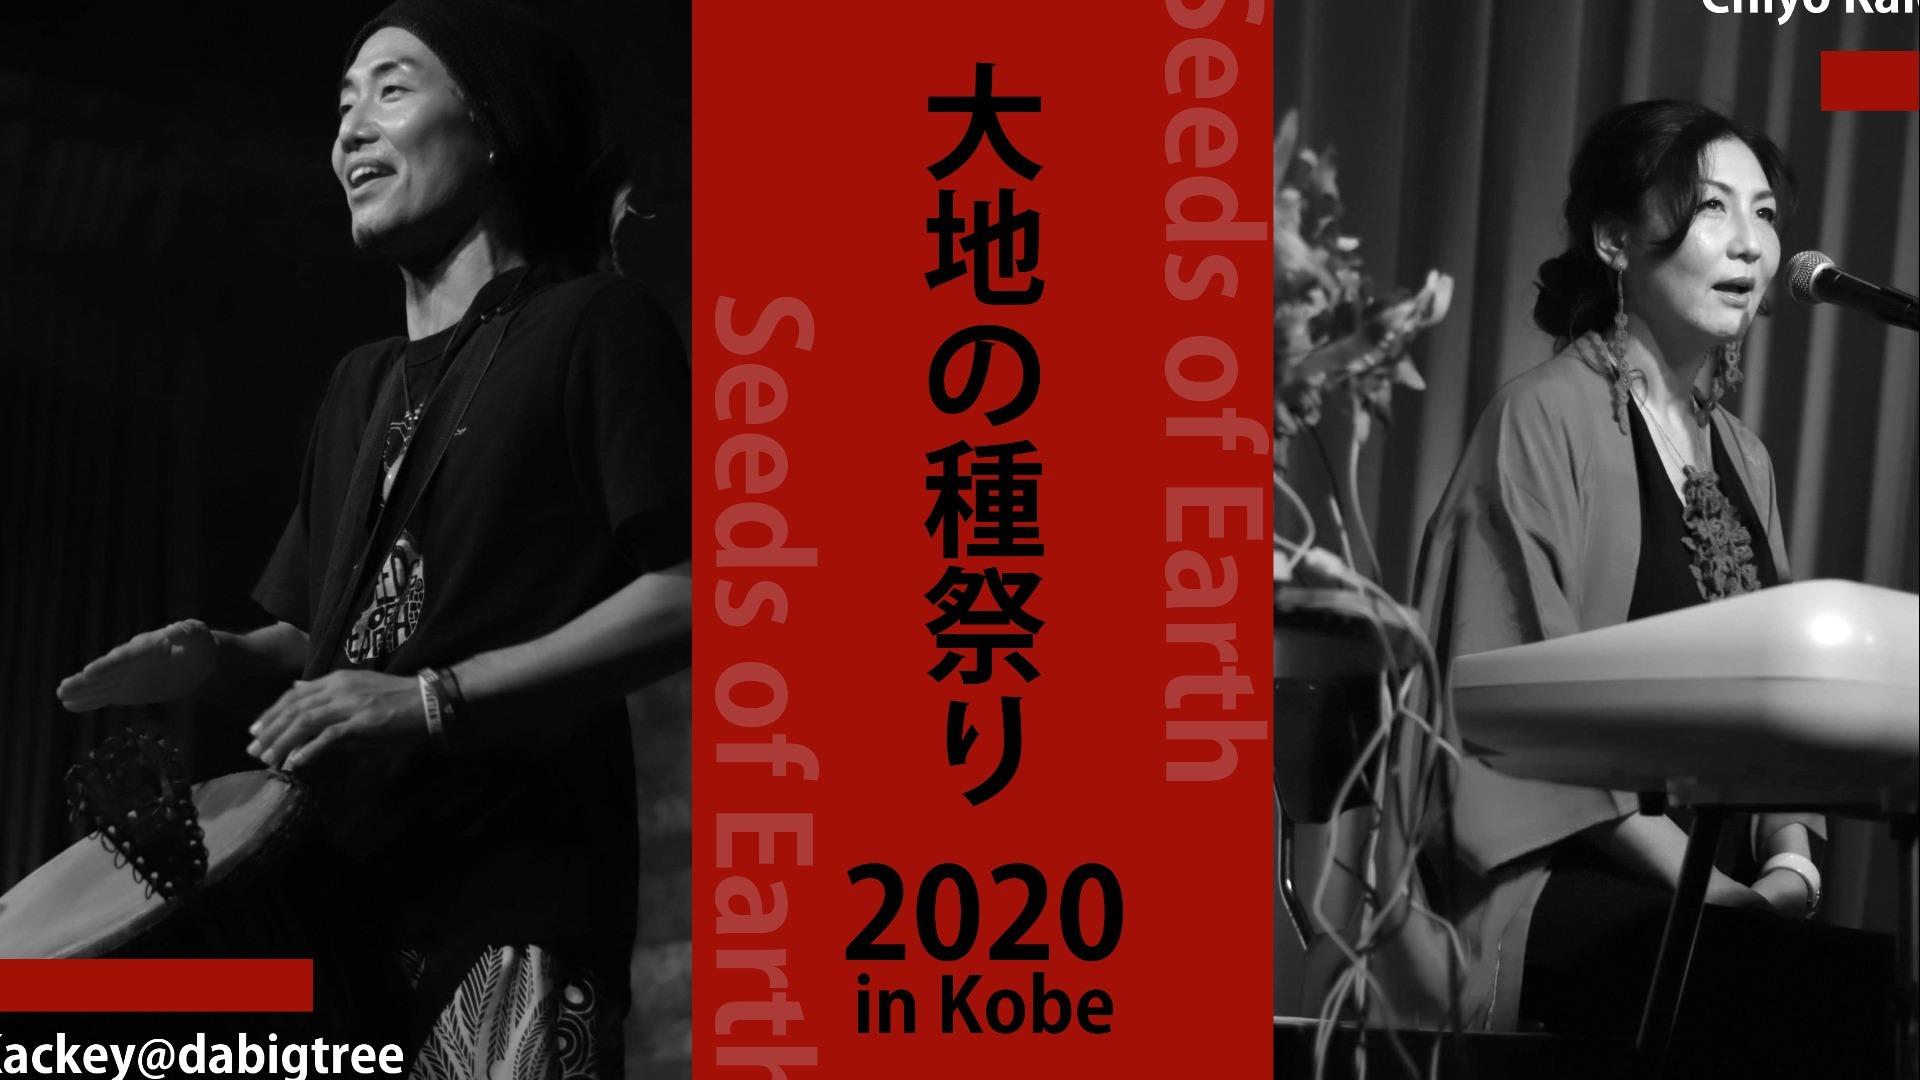 大地の種祭り2020非公開シーンFC向け限定配信 Part3